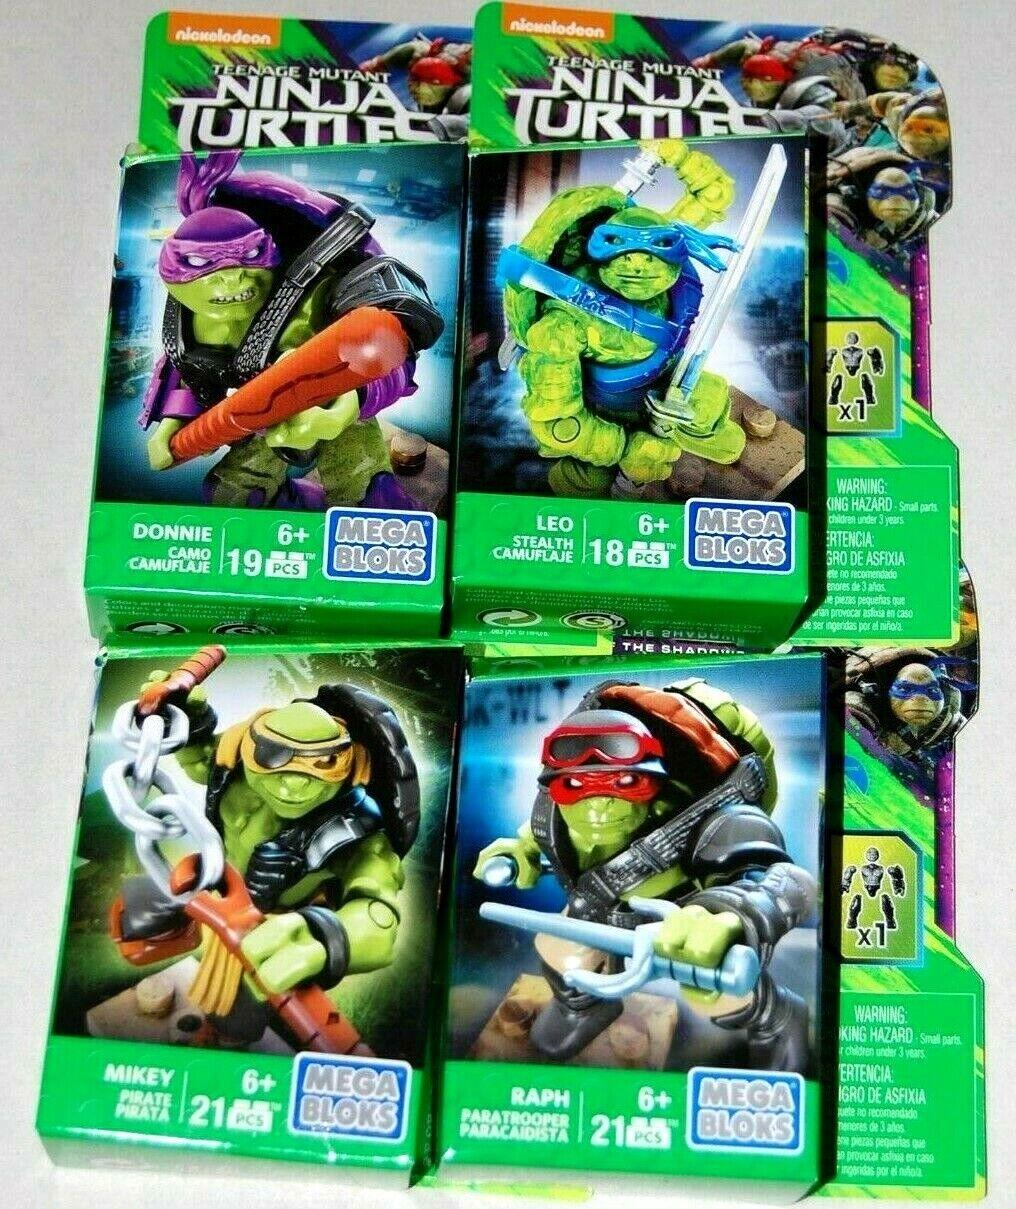 Mega Bloks Teenage Mutant Ninja Turtles 18 Pieces - Stealth